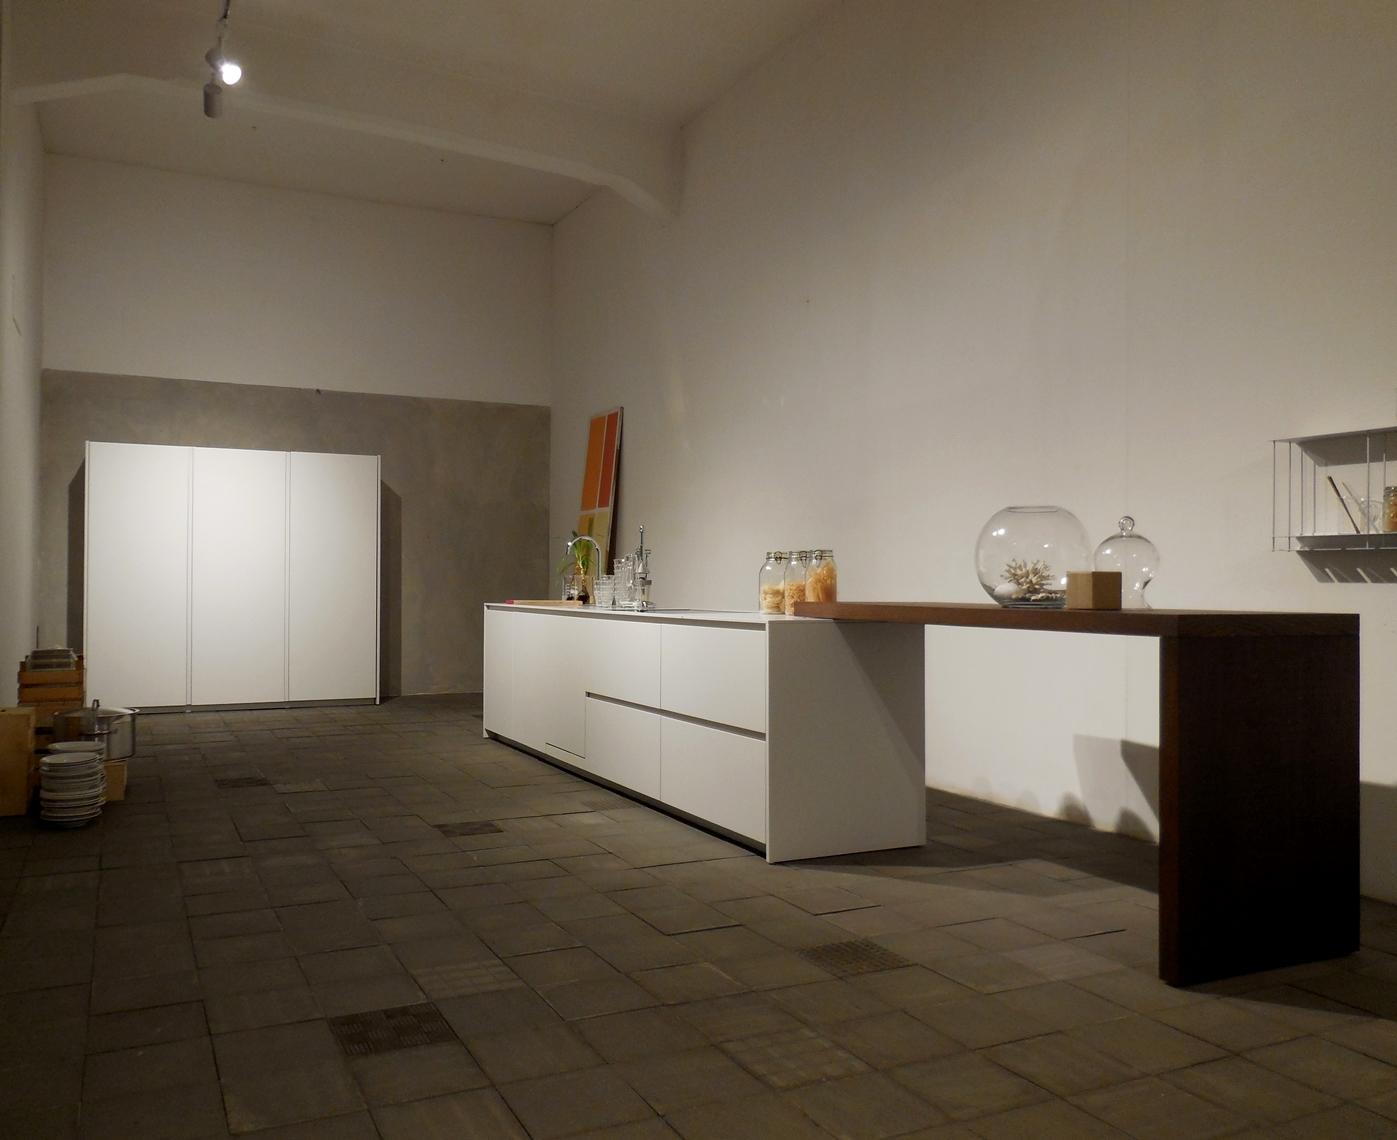 Cucine piccole su misura cucine classiche with cucine - Cucine per ambienti piccoli ...